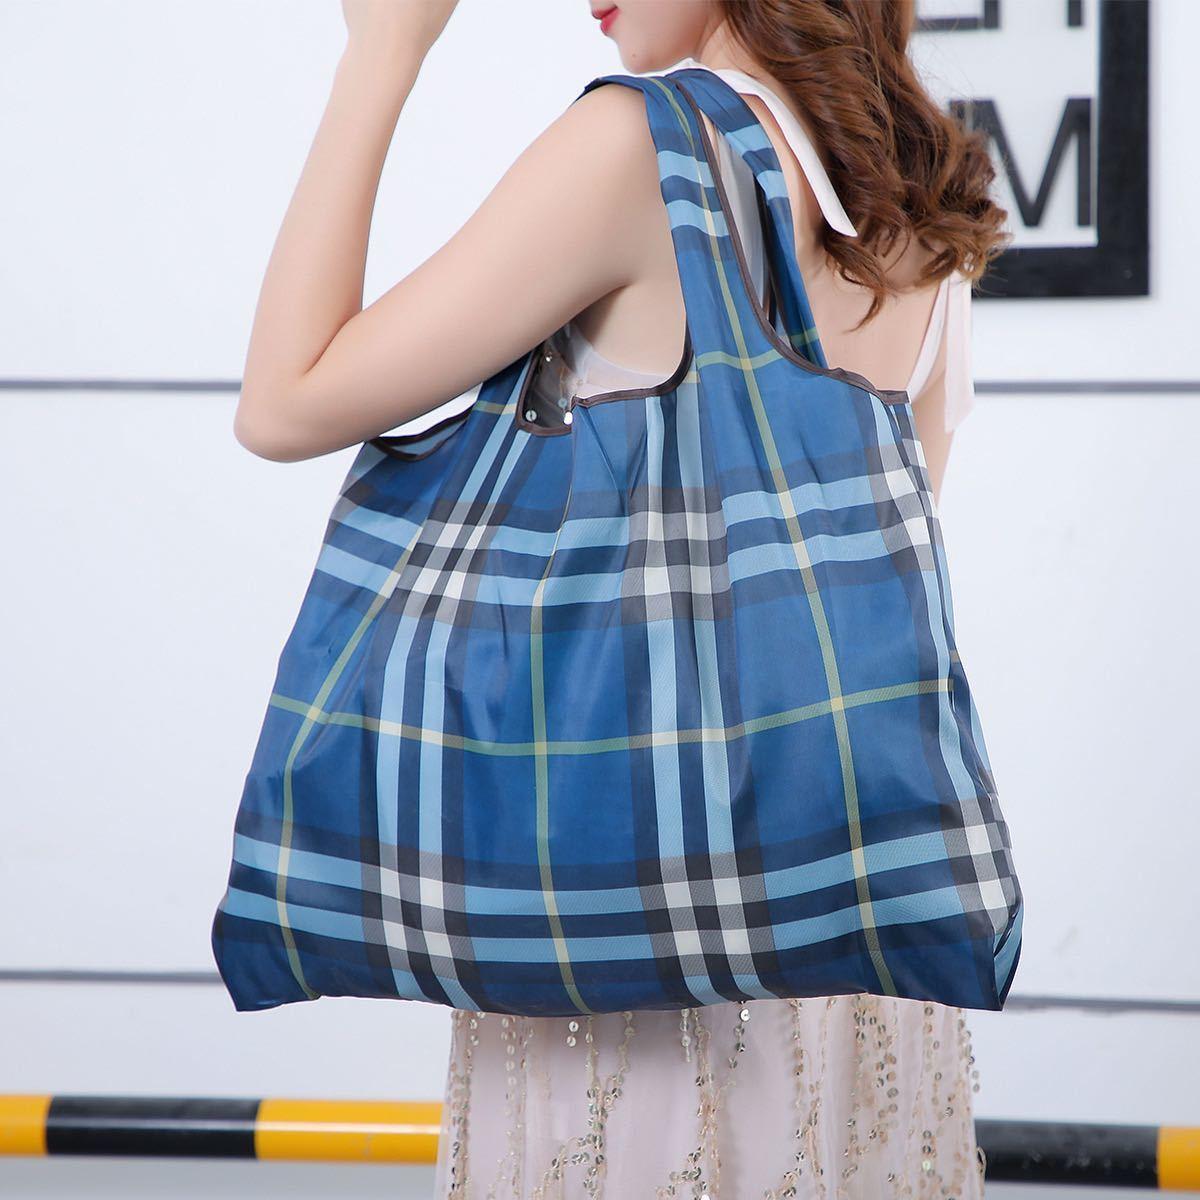 エコバッグ 折りたたみ 買い物袋 買い物バッグ 防水素材 大容量二枚セット